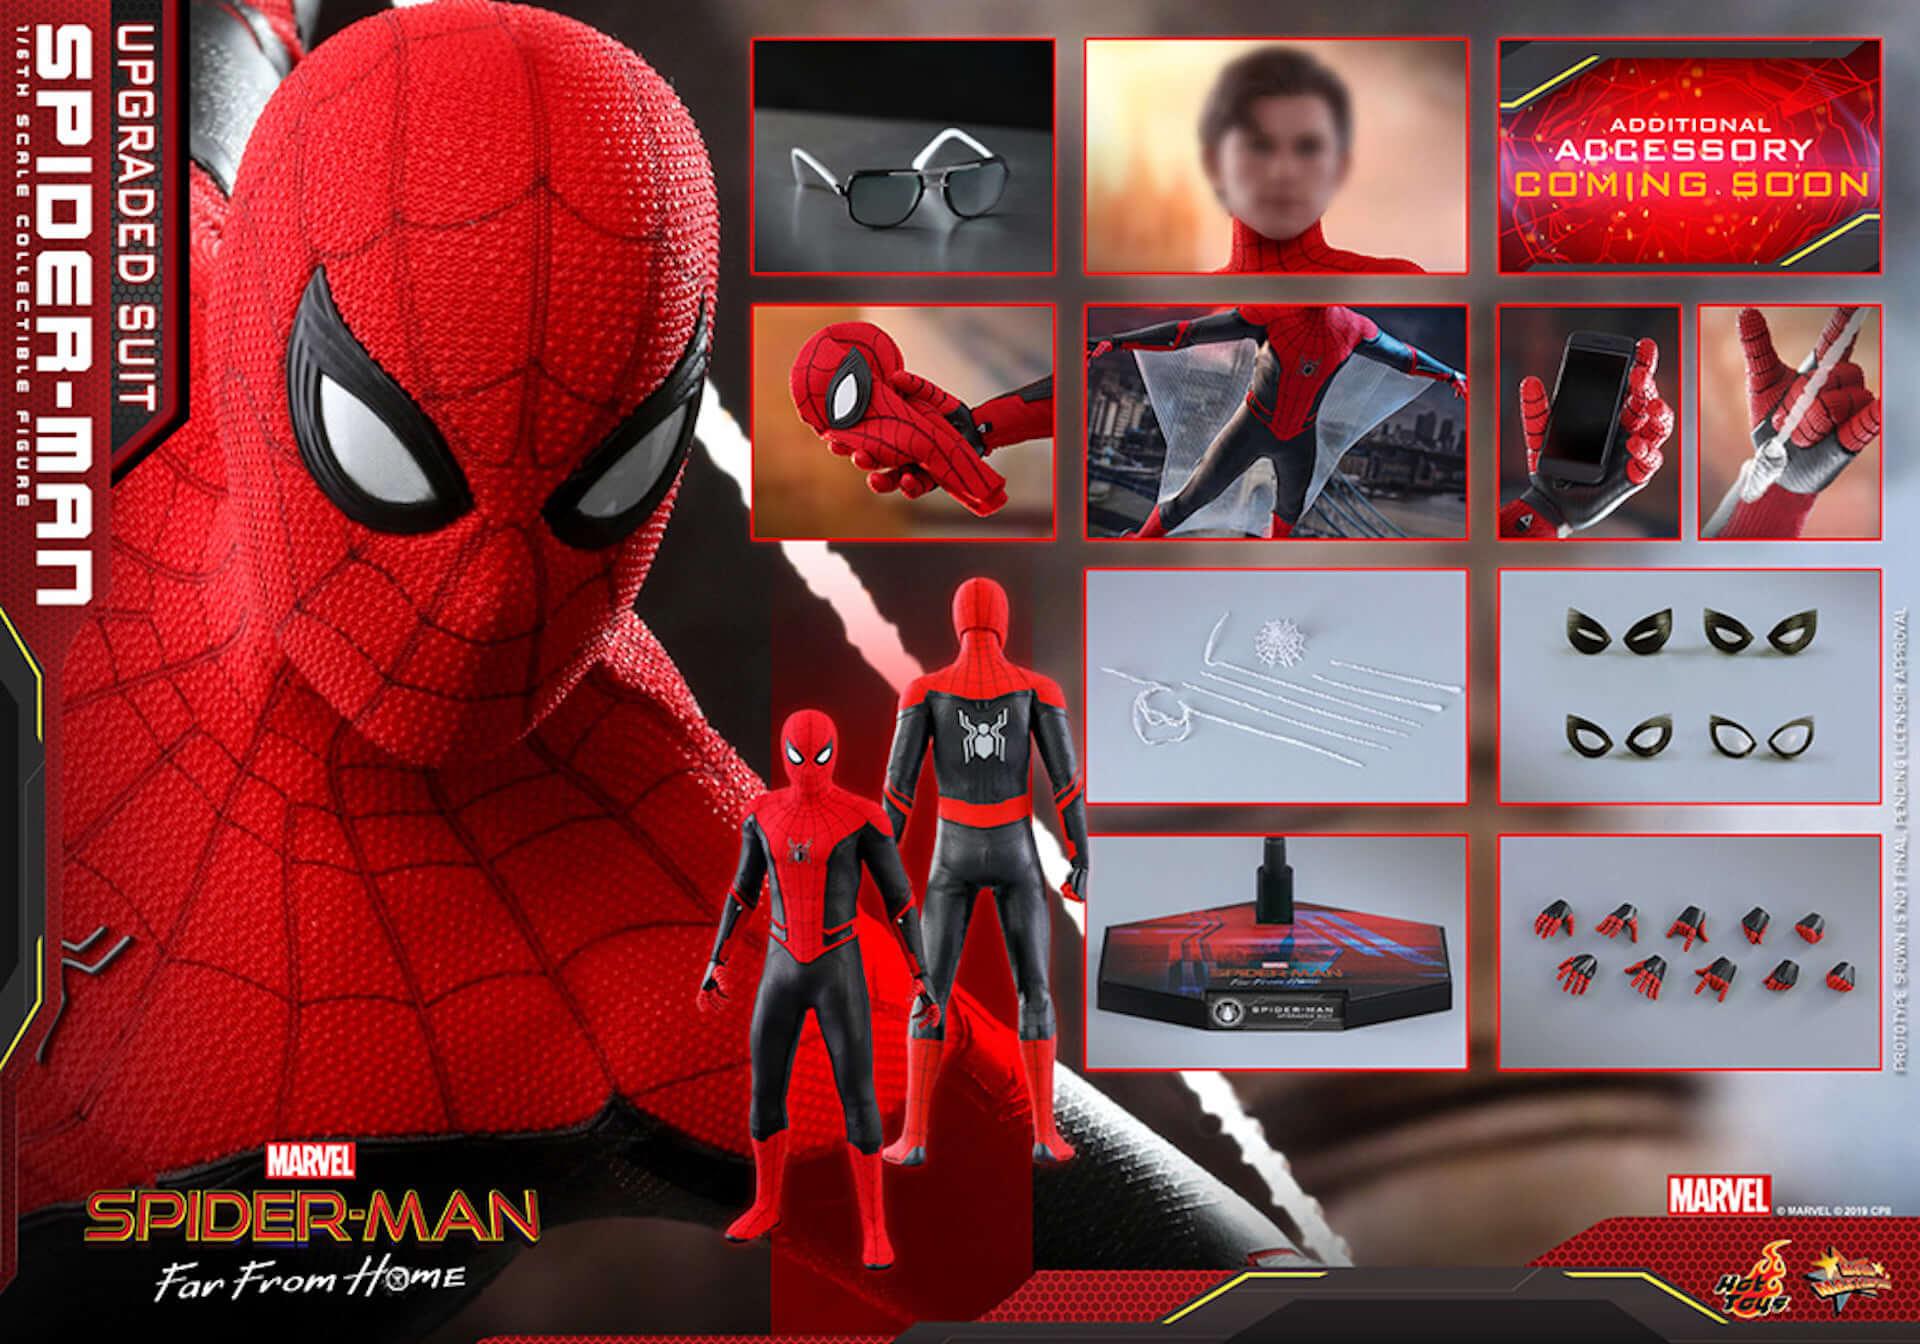 新生スパイダーマン誕生!『スパイダーマン:ファー・フロム・ホーム』のアップグレードスーツが完全フィギュア化 film190702_sffh_upgrade_1-1920x1344